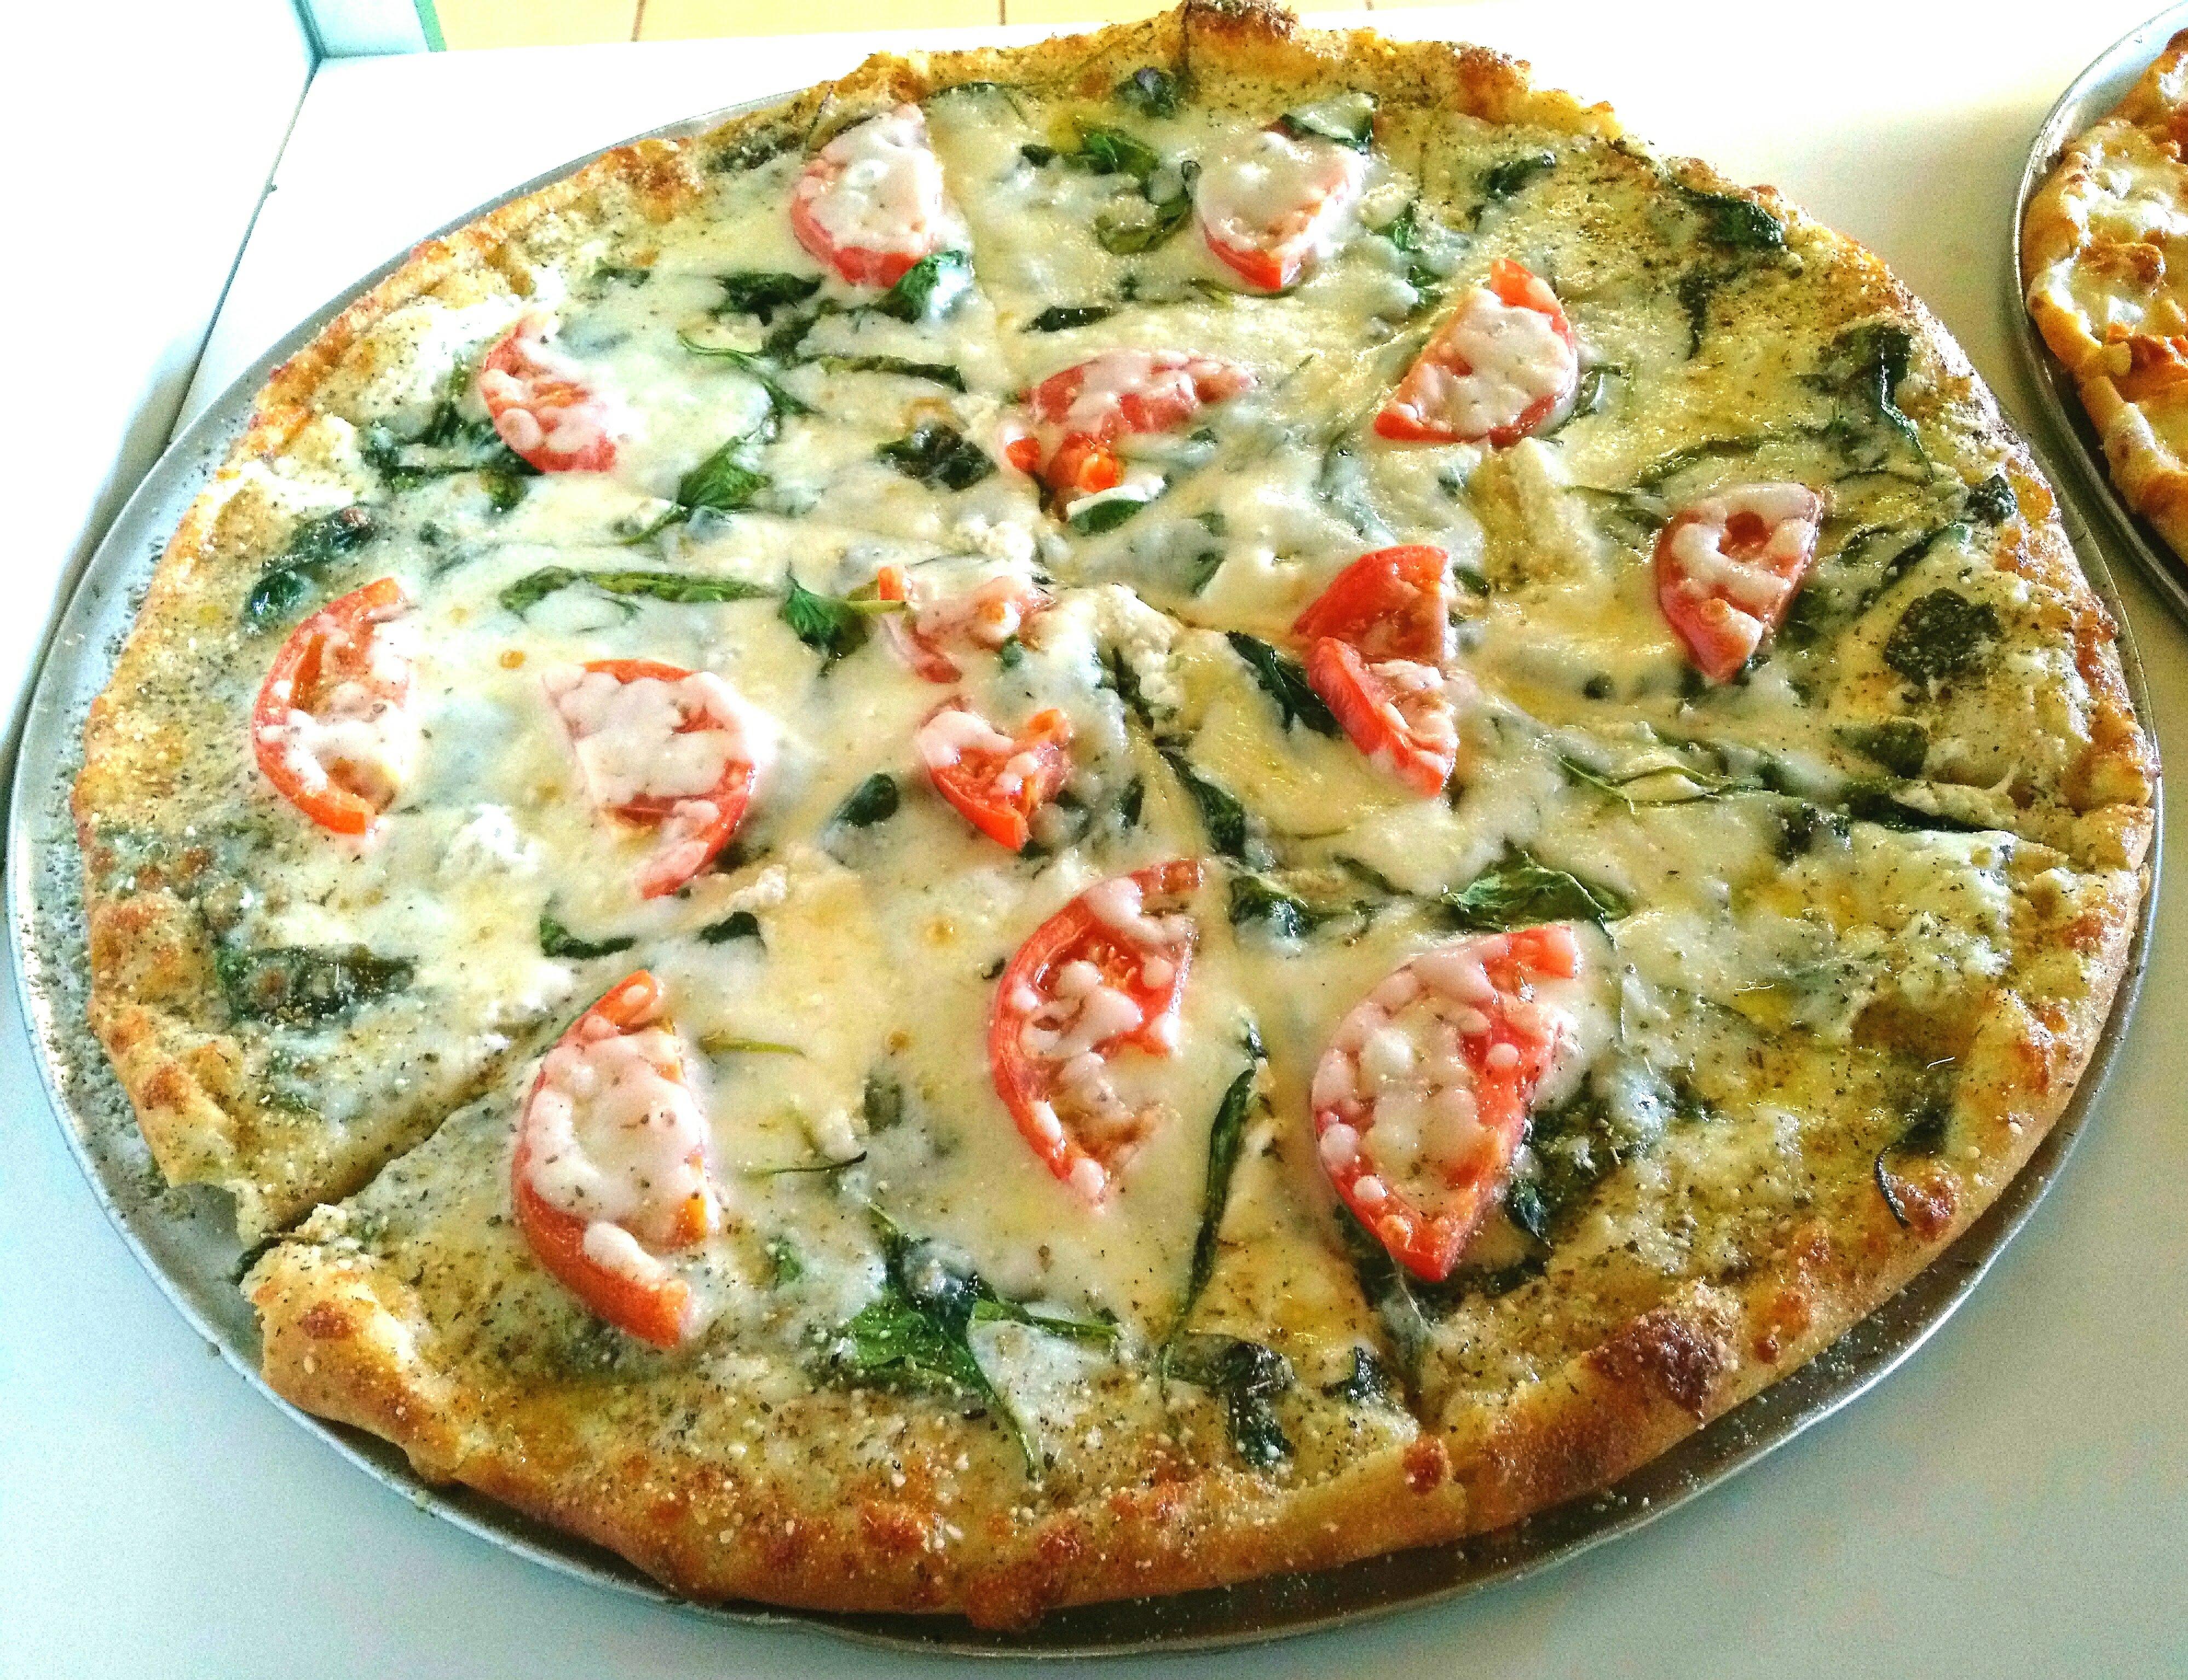 White spinach ricotta w/ tomato